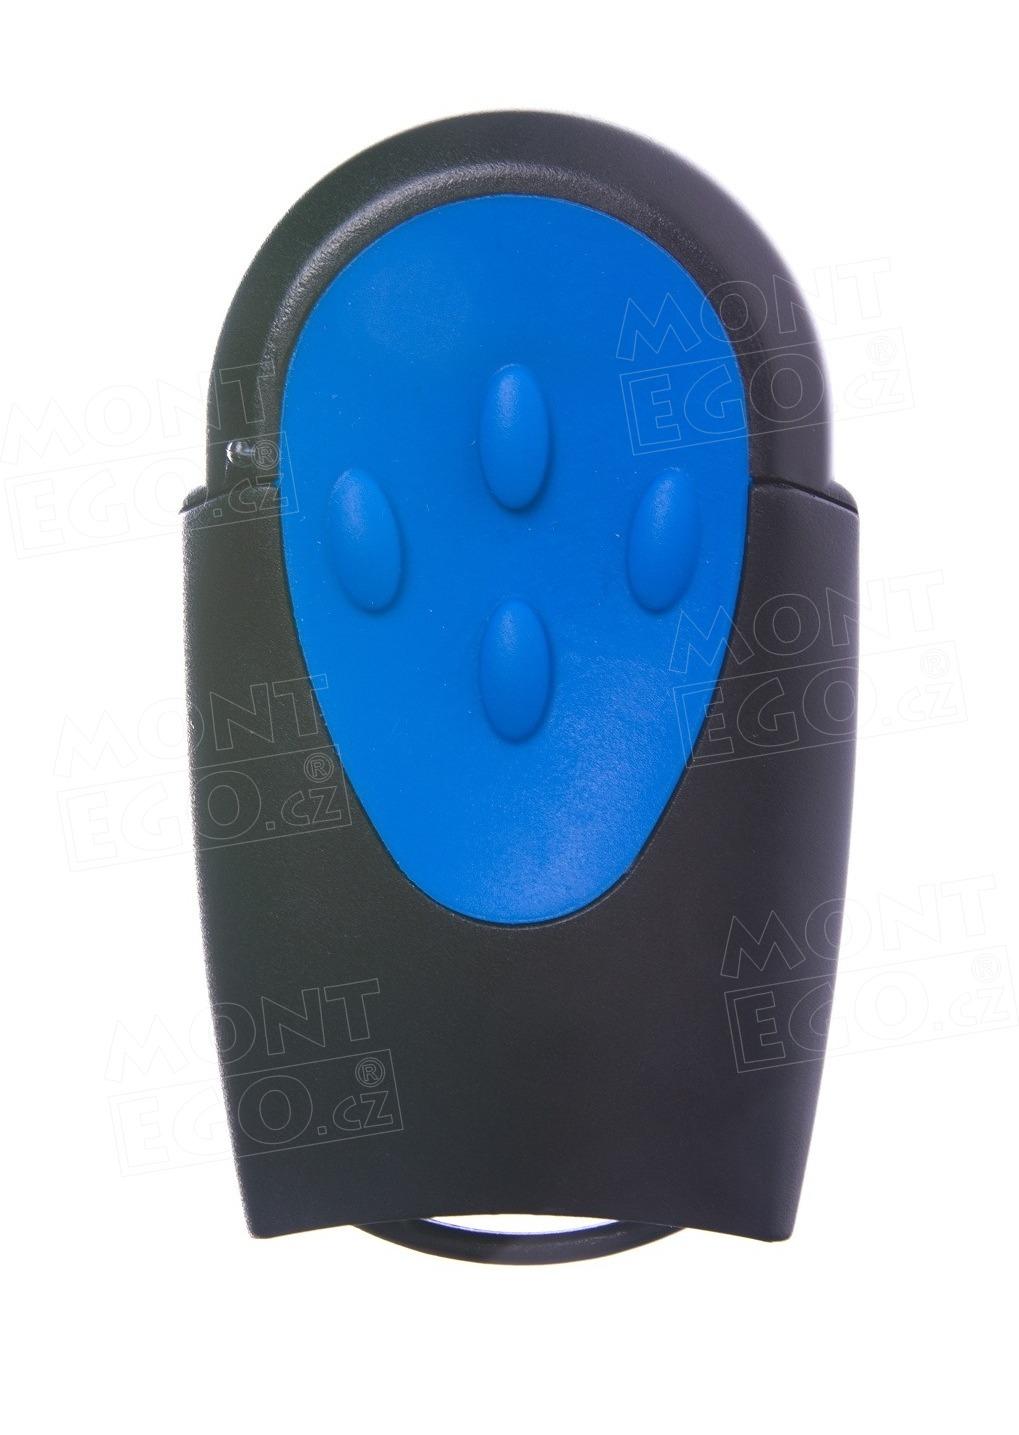 Dálkový ovládač na vrata Teleco TXR433A04, 4 kanálový dálkový vysílač